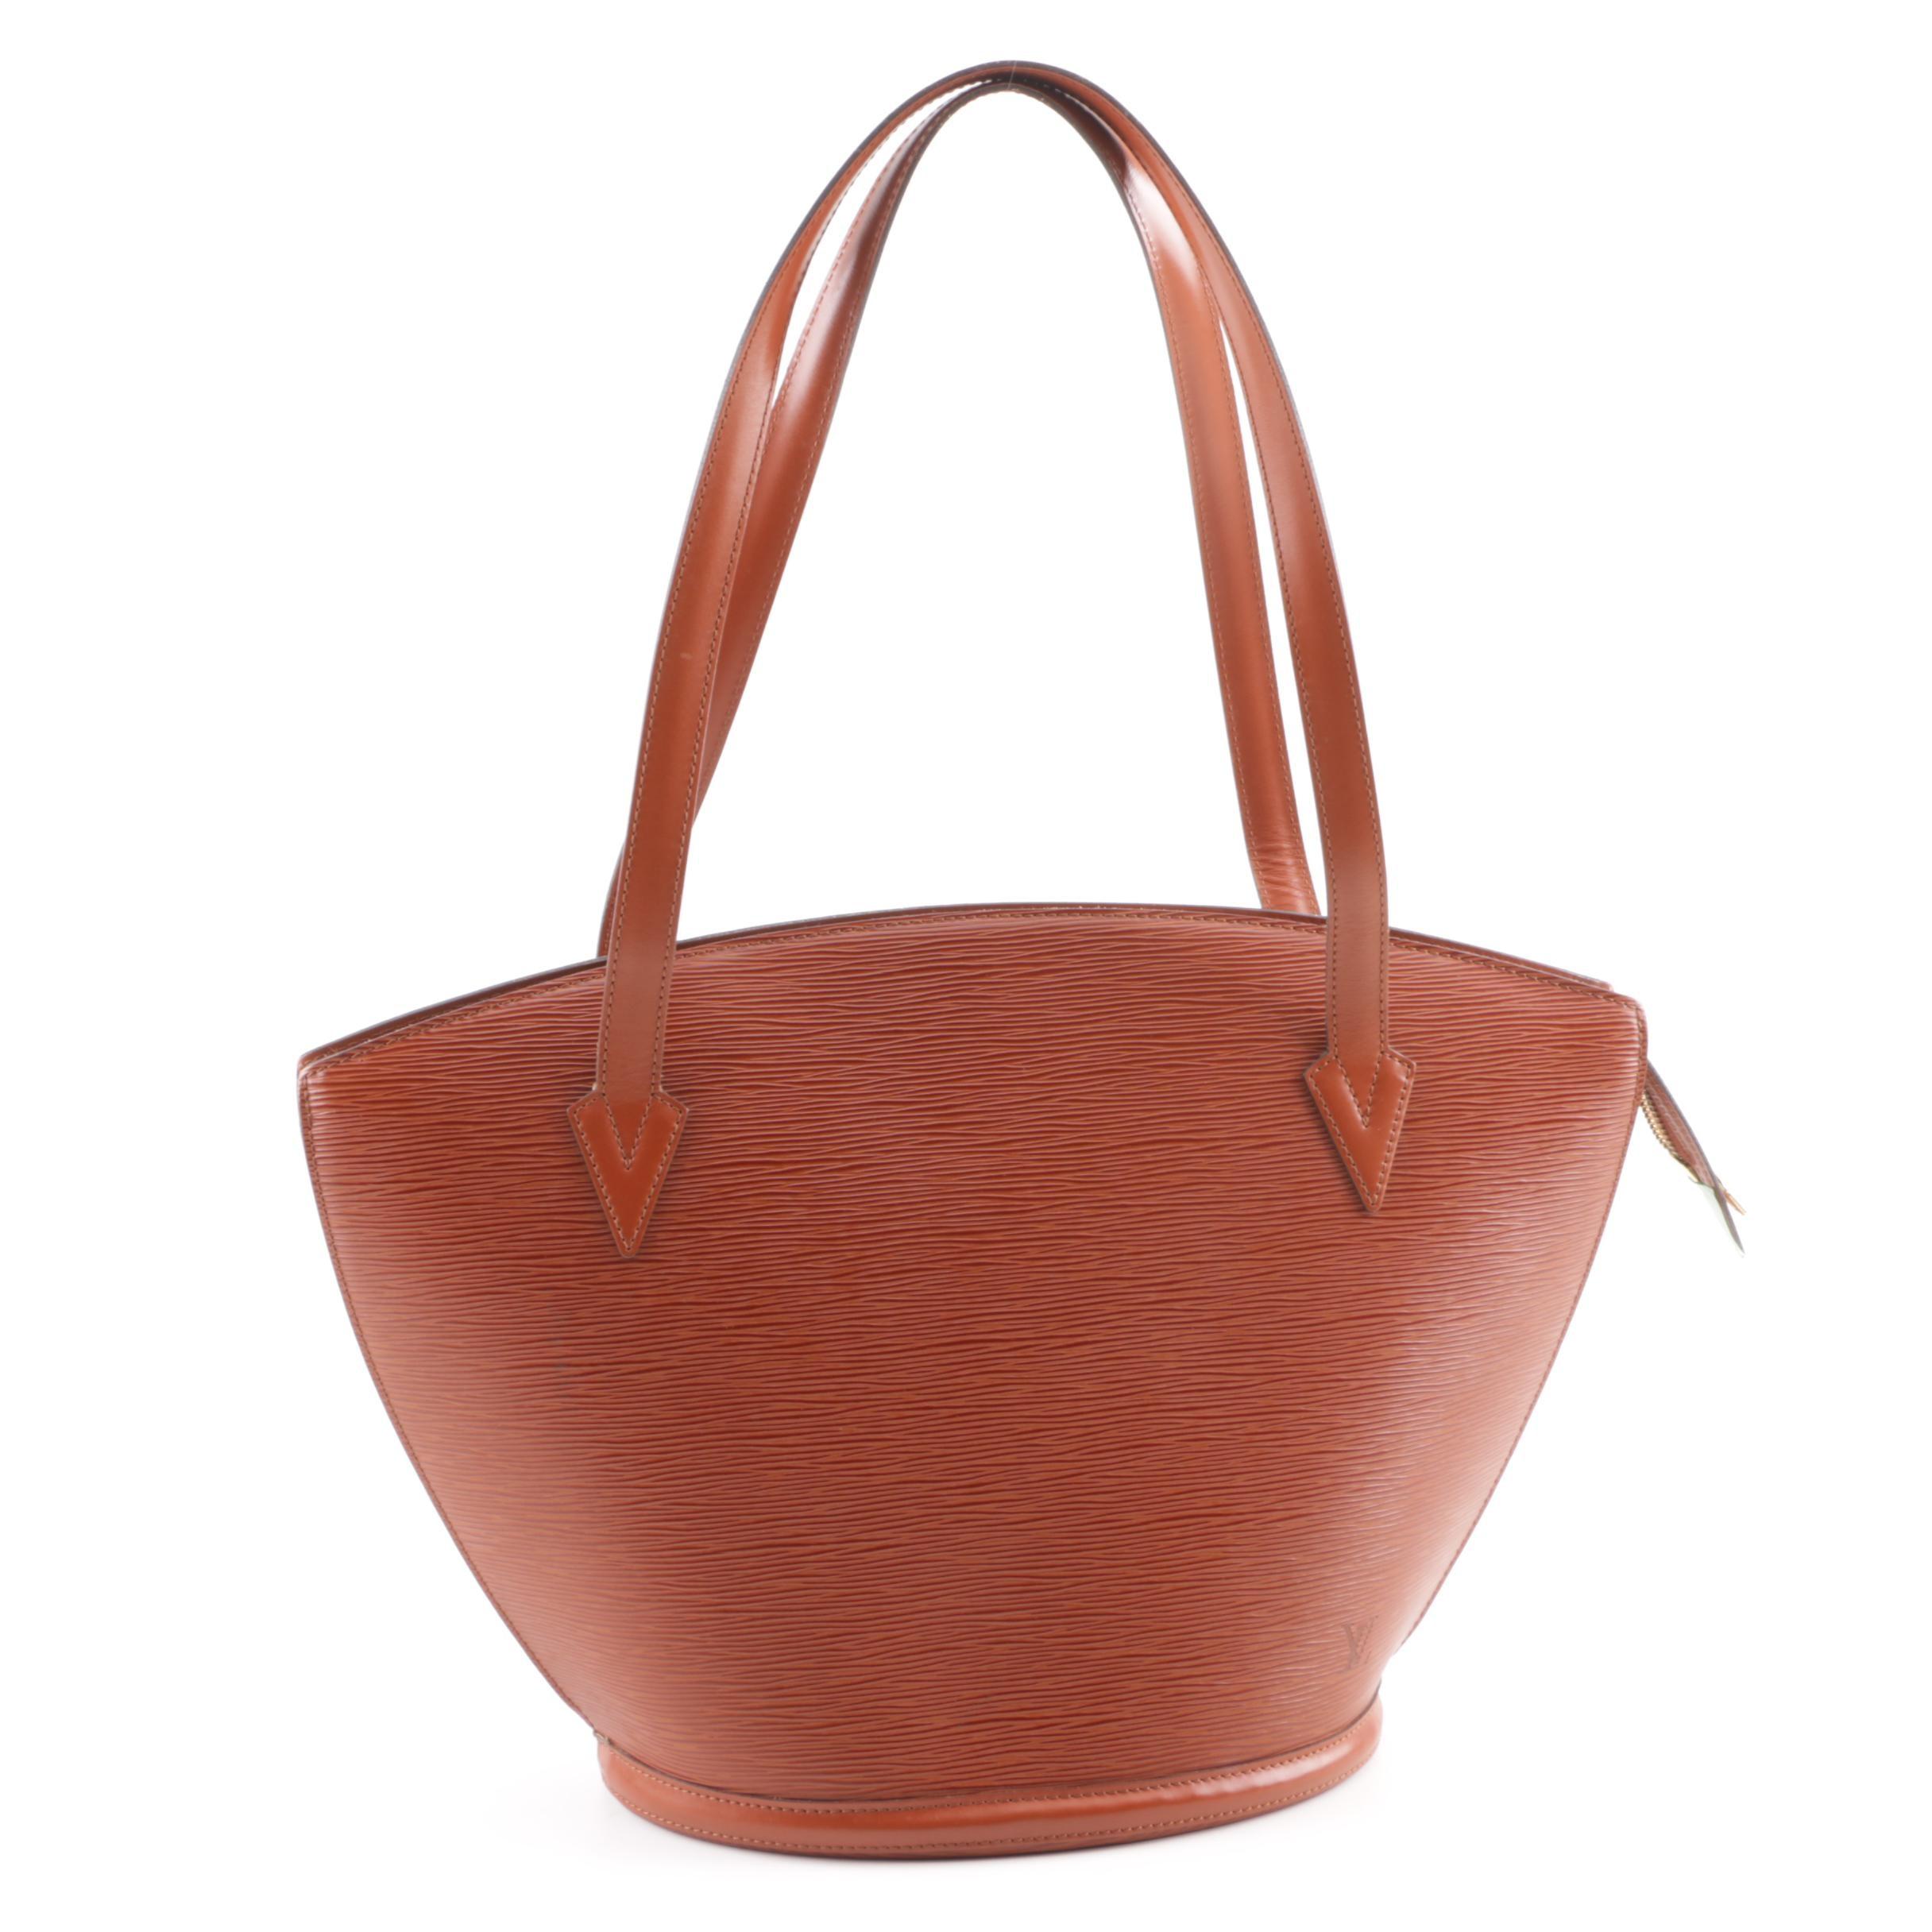 1995 Vintage Louis Vuitton Paris Siena Epi Leather St. Jacques GM Shoulder Bag